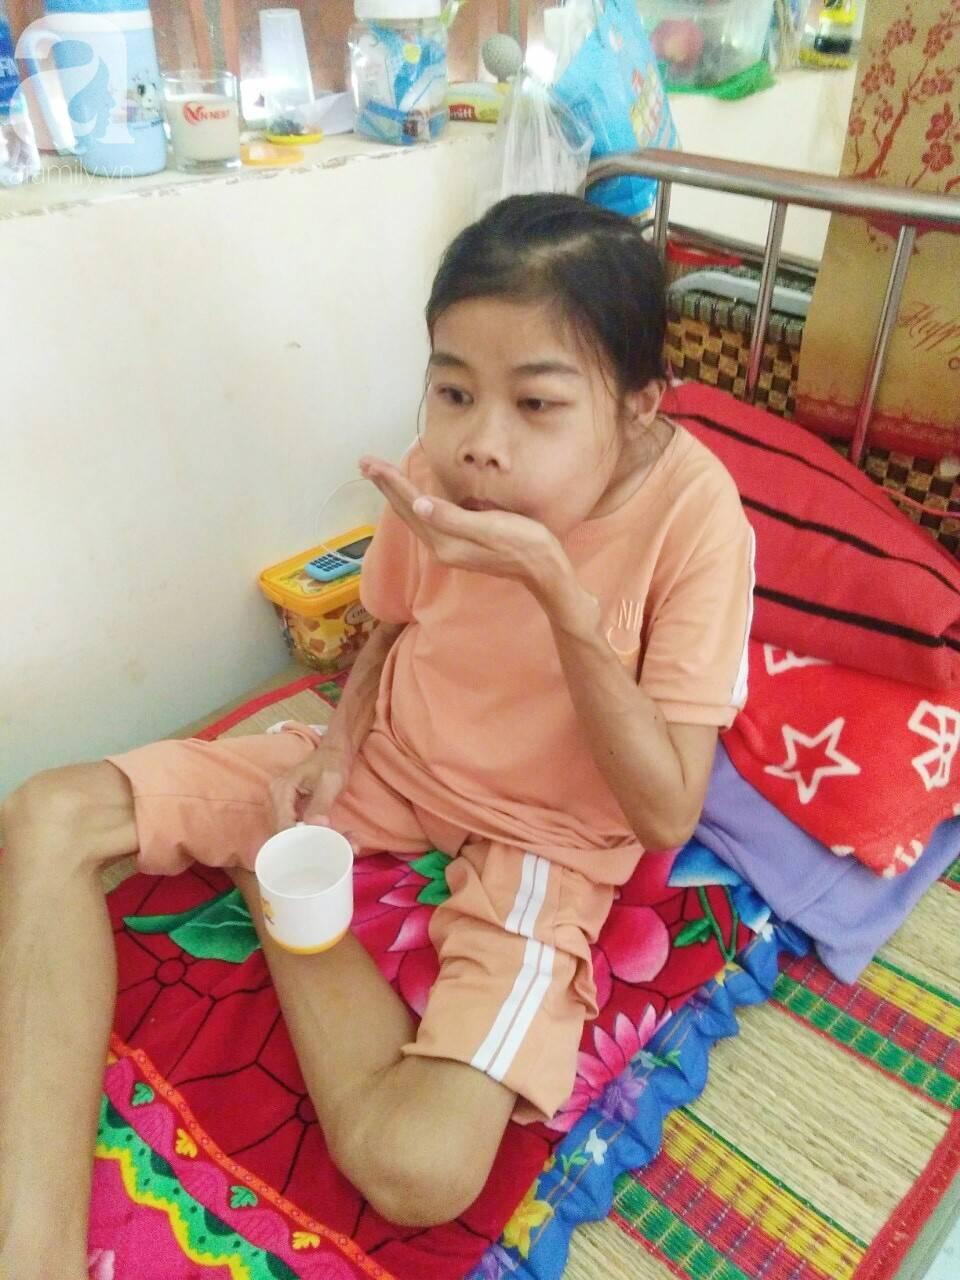 Bị suy thận nhưng vẫn cố giữ thai nhi, người mẹ bị biến dạng khuôn mặt, chấp nhận chết để con gái nhỏ được chào đời-6